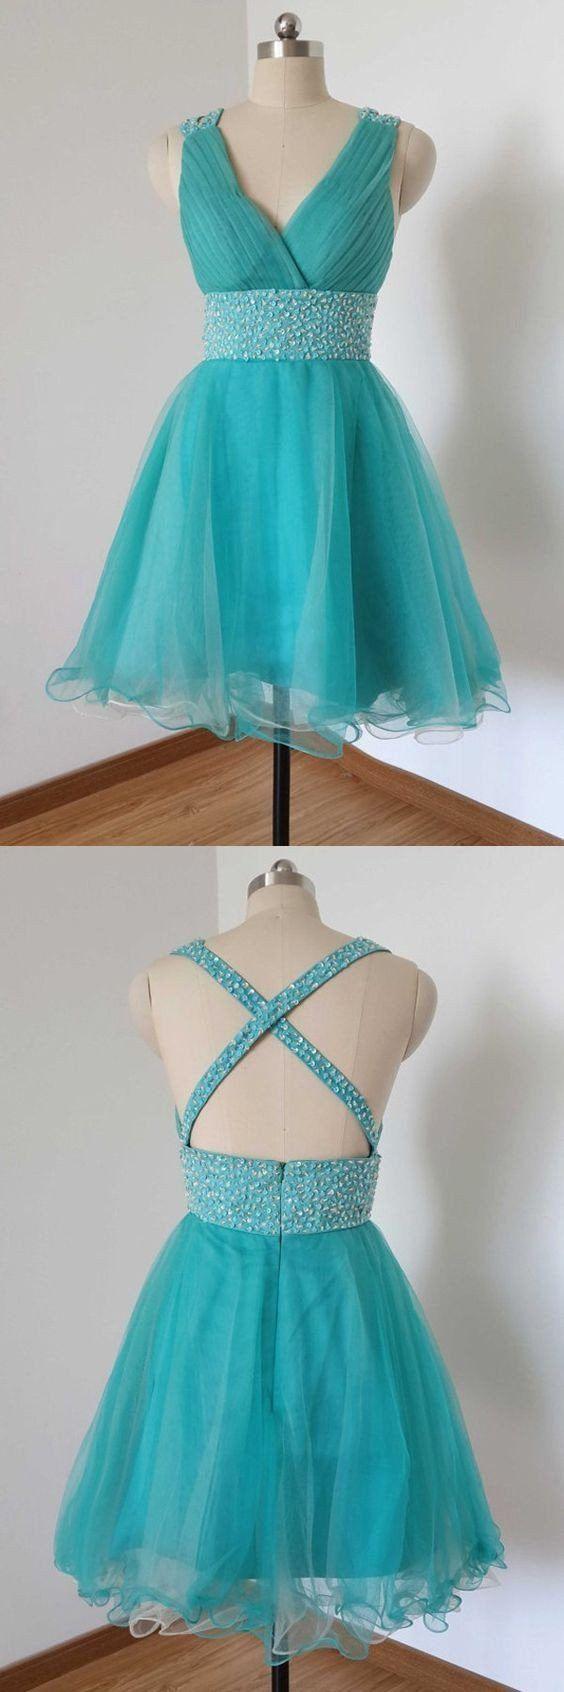 best prom dresses images on pinterest dress lace lace dress